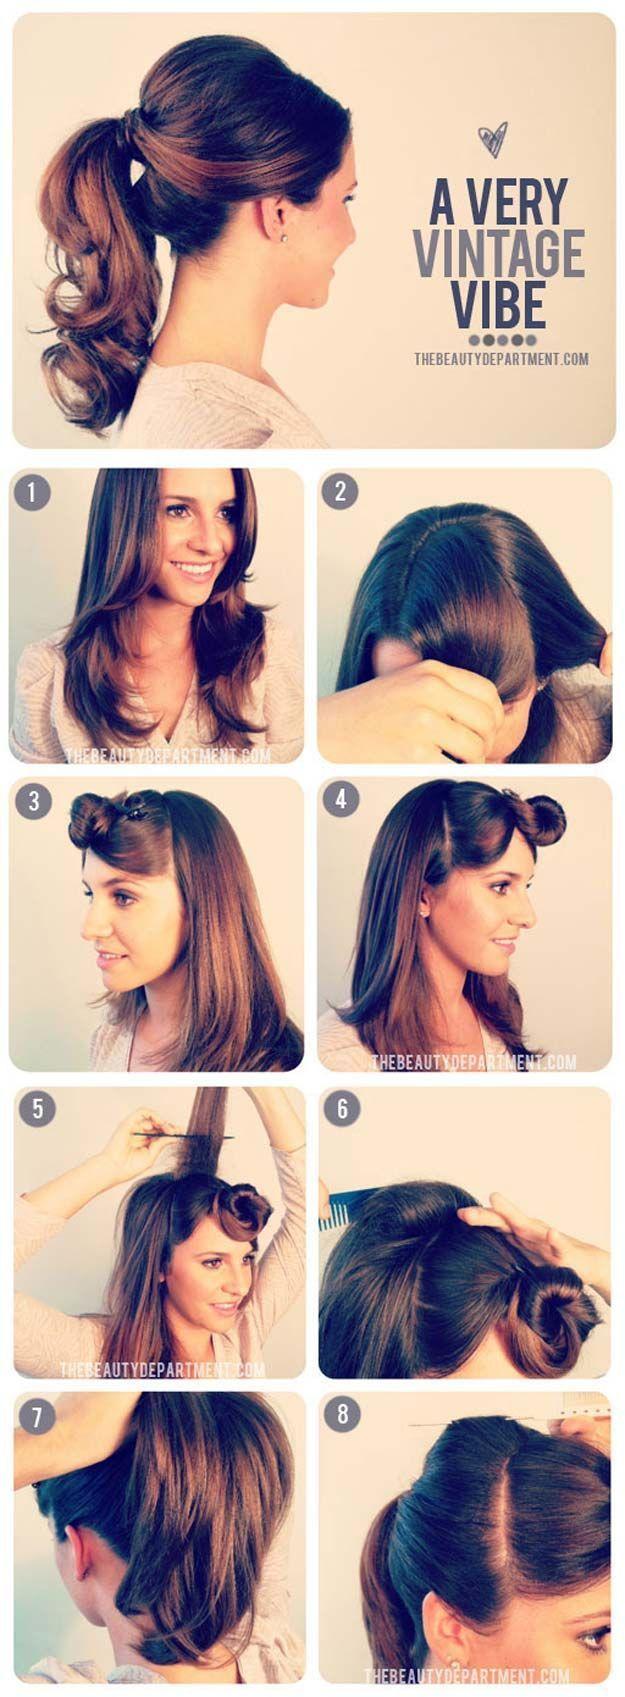 Einfache Frisuren für die Arbeit - Pferdeschwanz im Stil der 50er Jahre - schnelle und einfache Frisuren